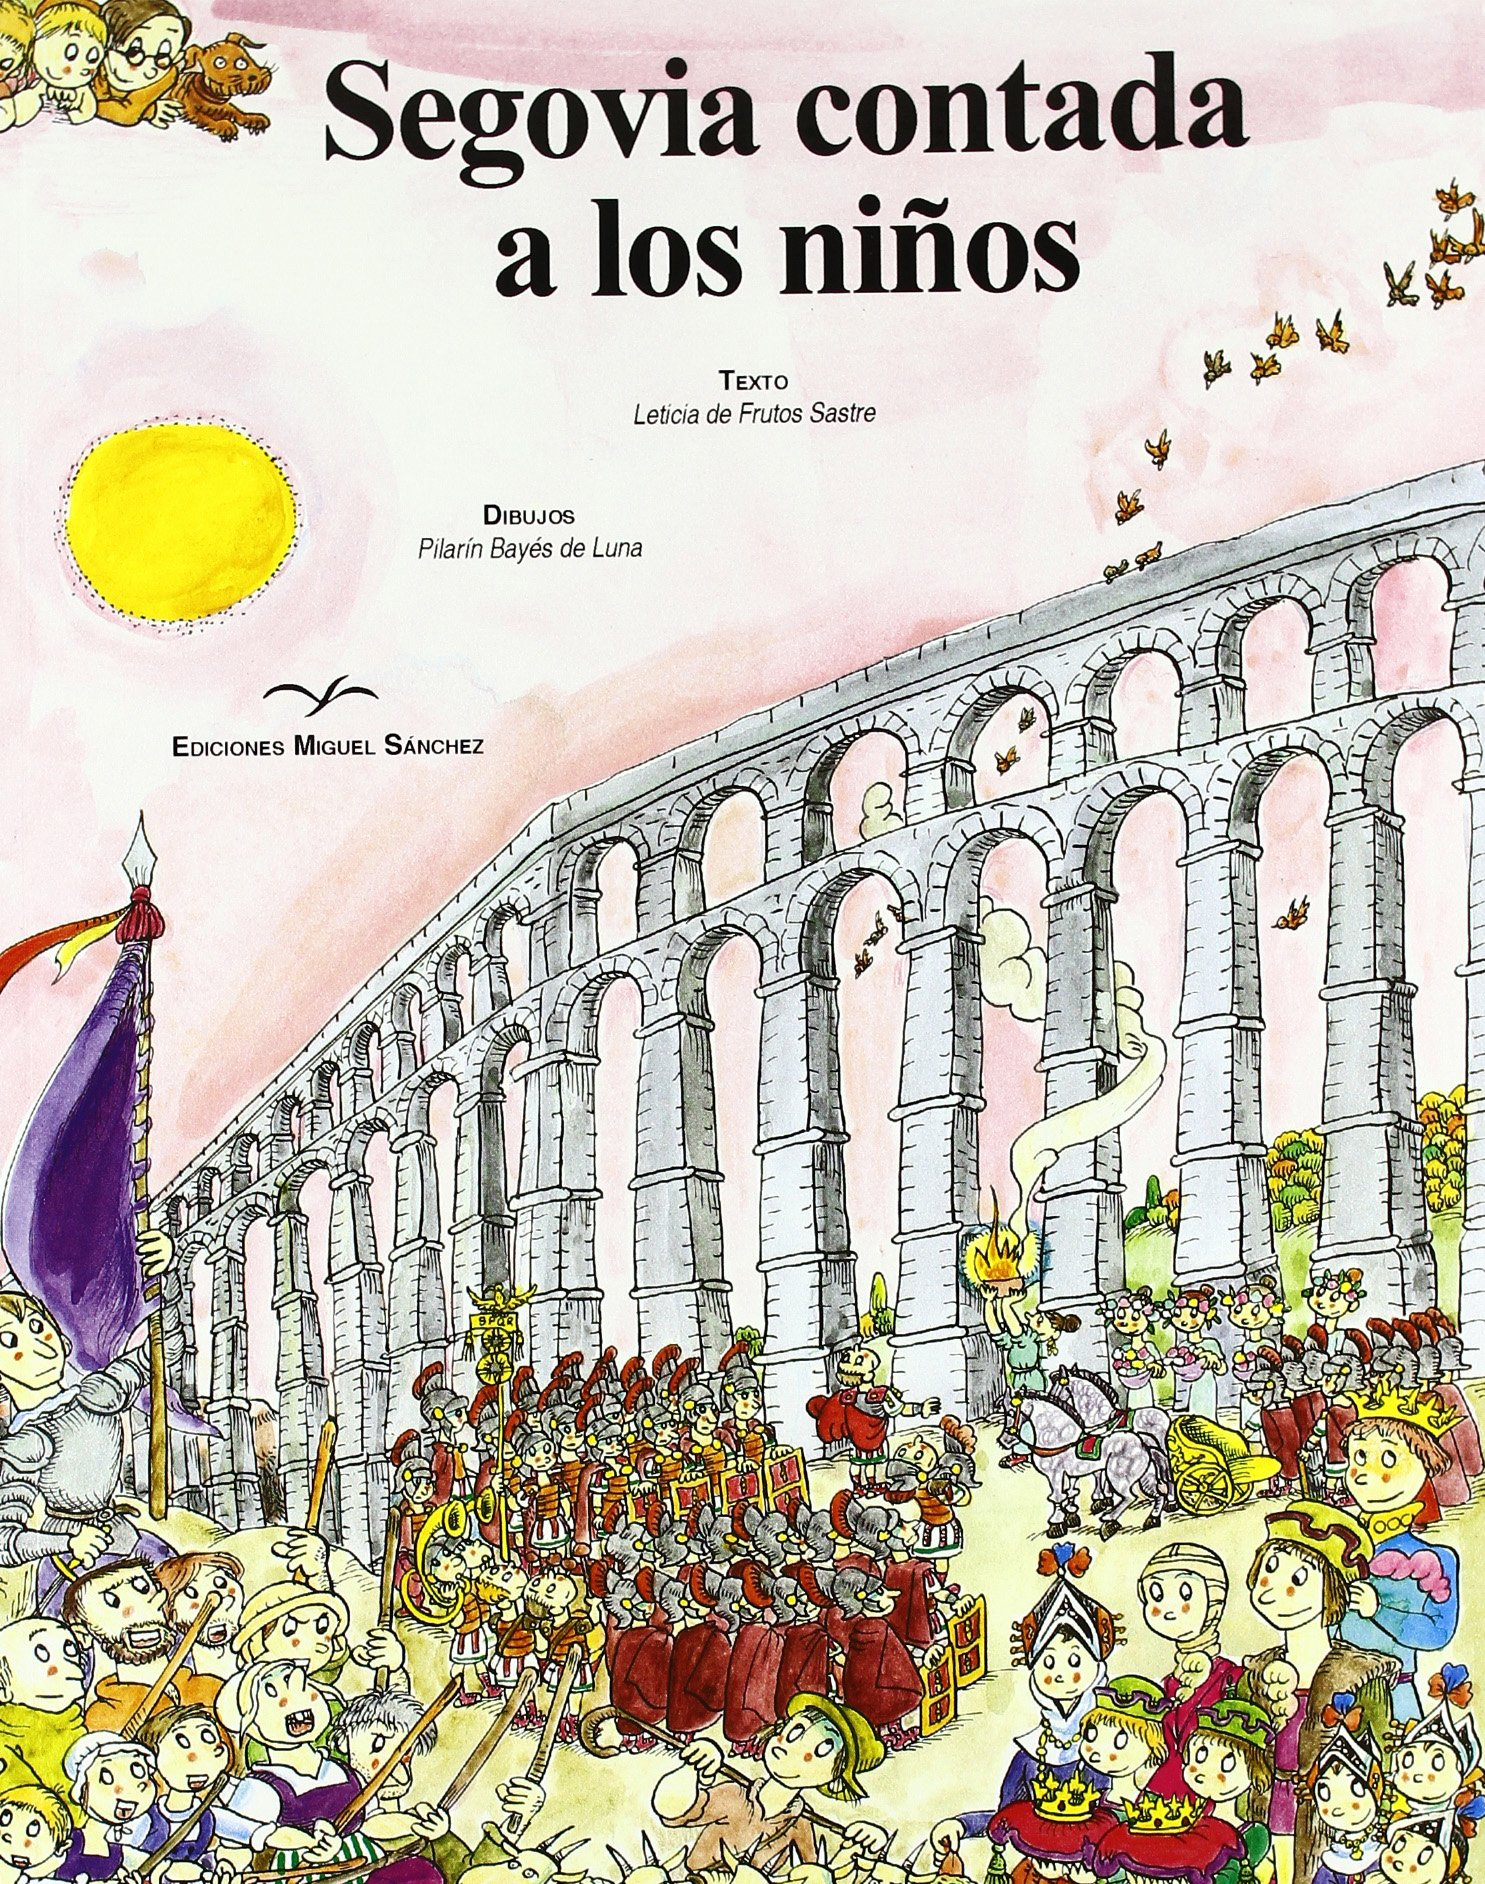 Segovia contada a los niños: Amazon.es: Leticia De Frutos Sastre, Pilarín Bayés de Luna: Libros